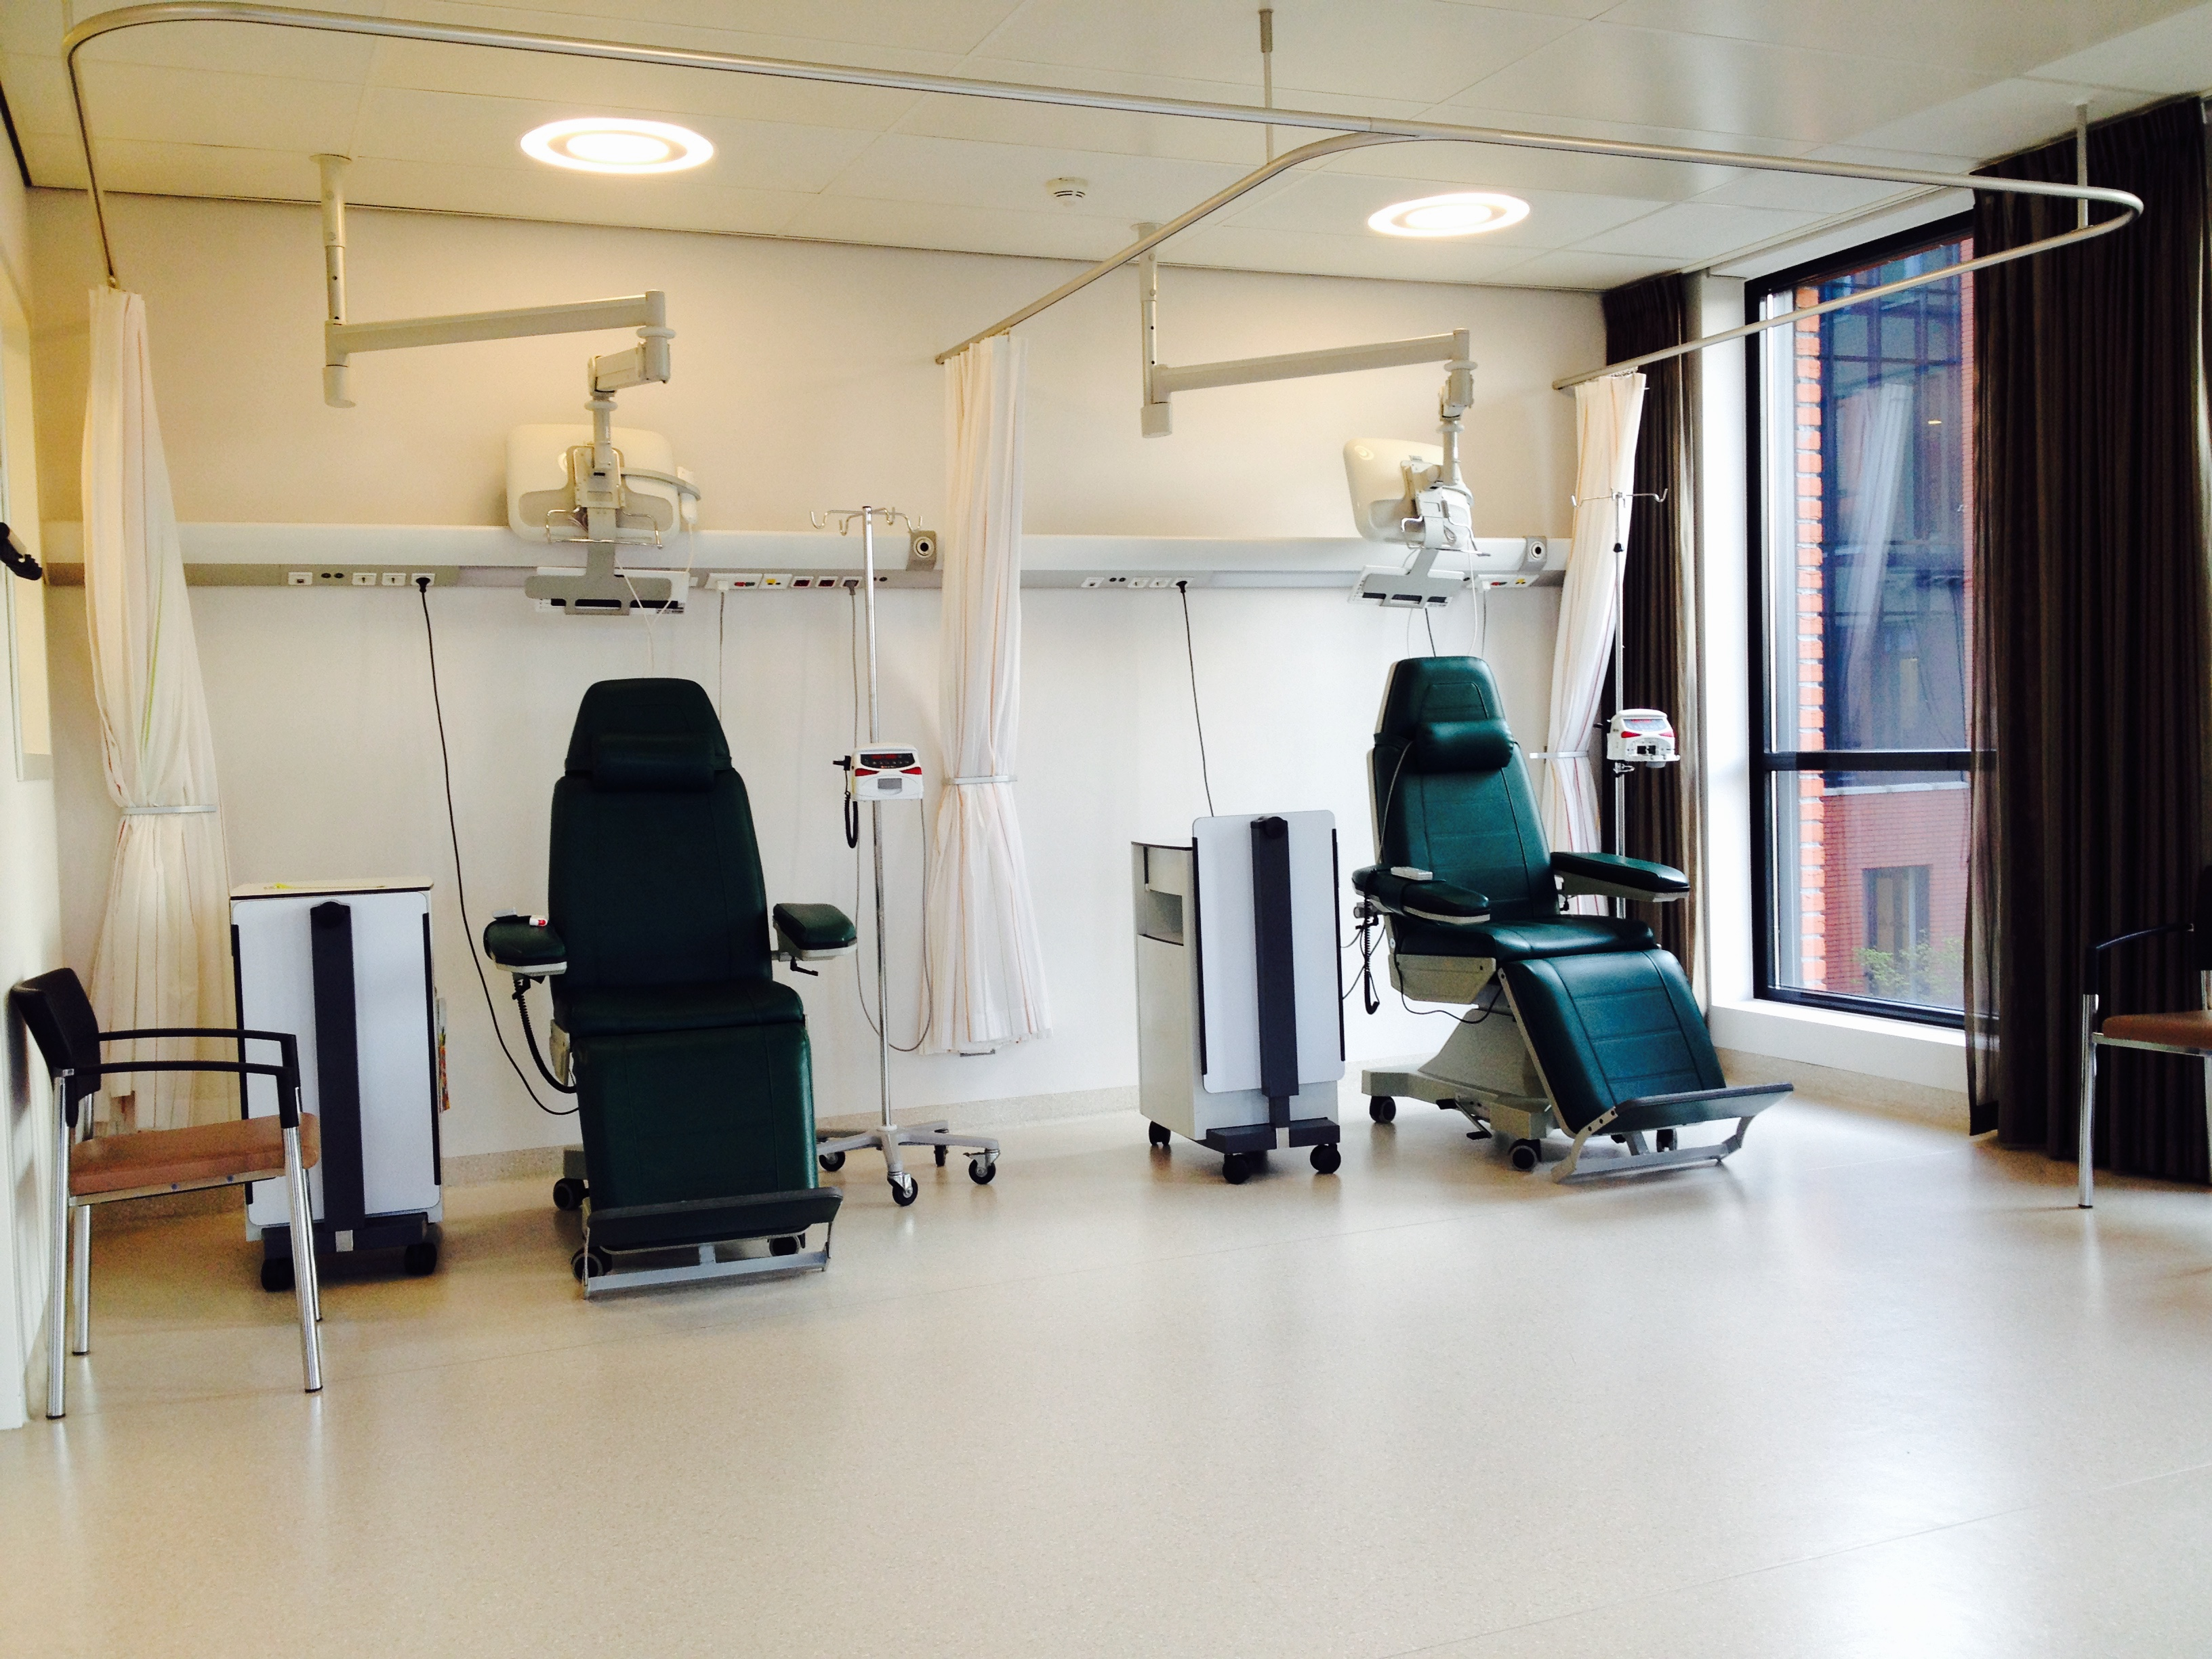 Je kunt op oncologie kiezen voor een bedje of een stoel. Hier de stoelen!